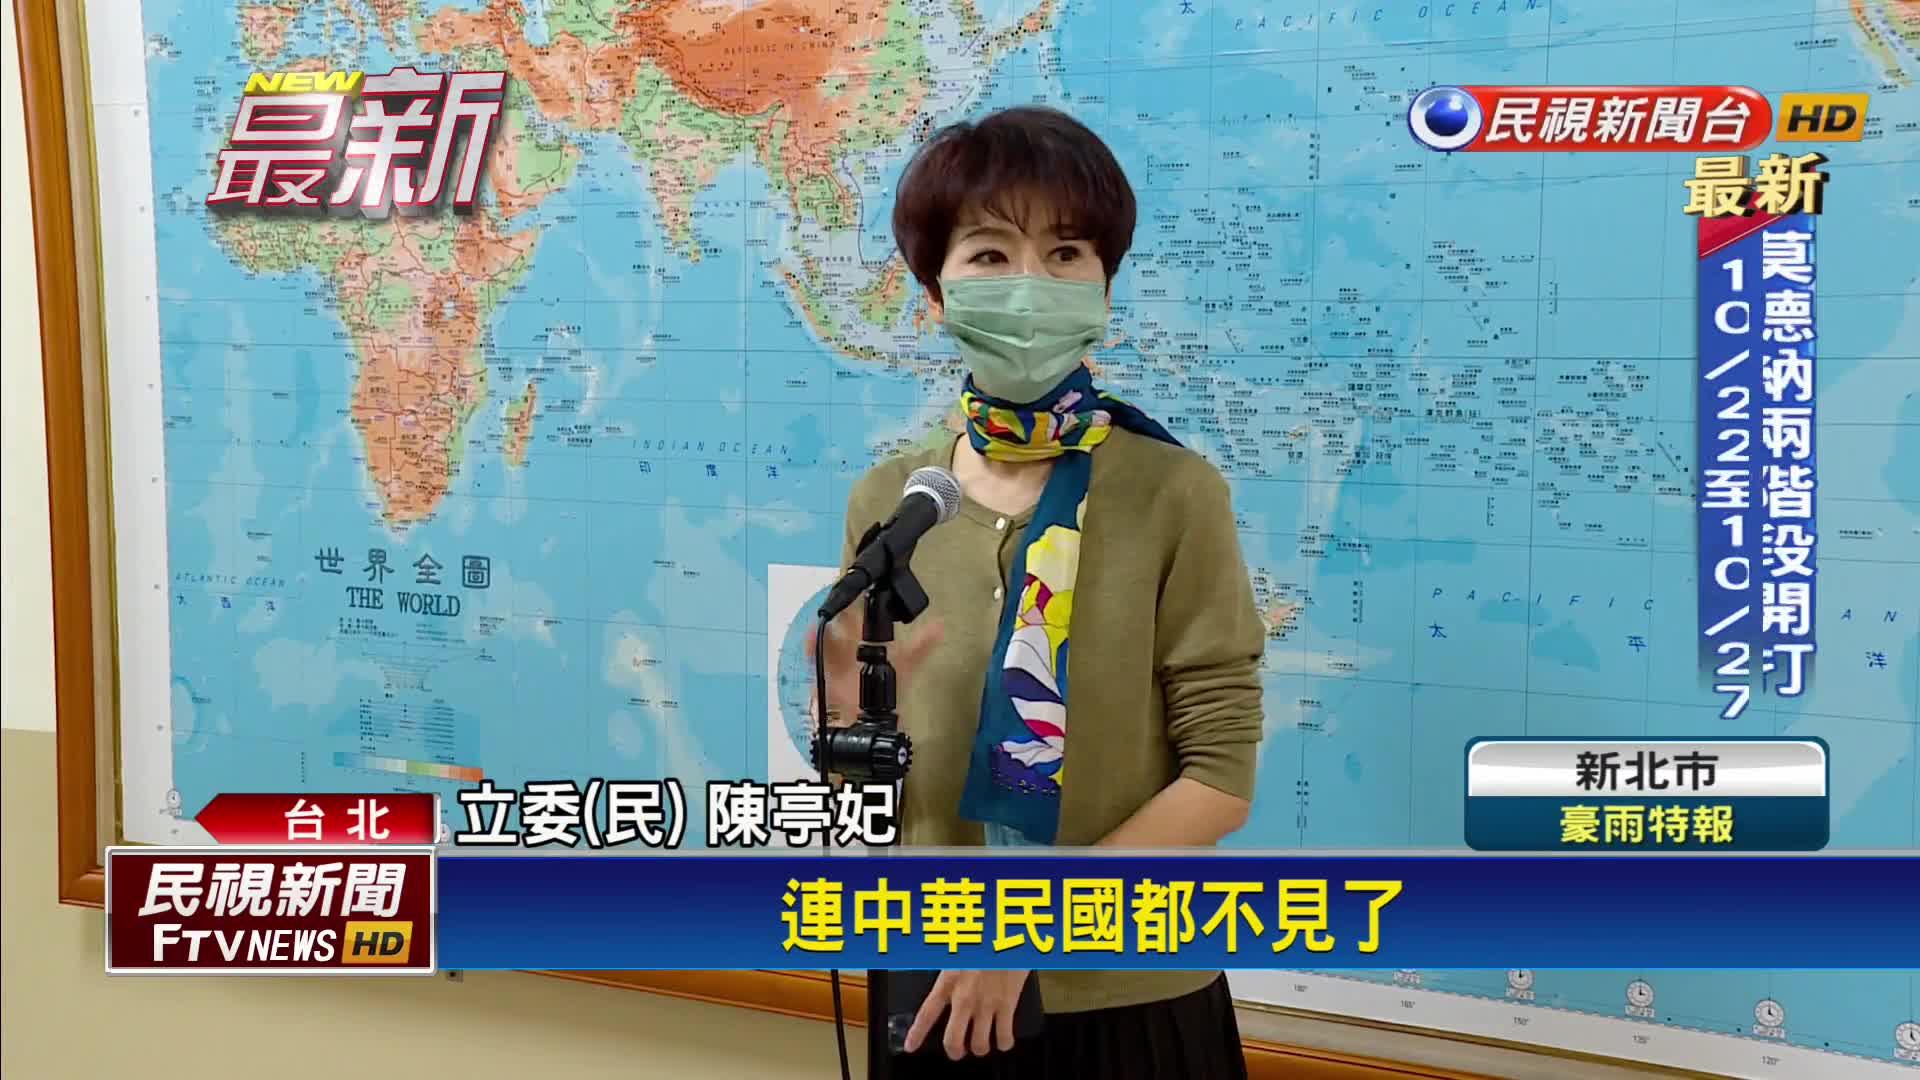 謝志偉國旗告白惹議 蘇揆:駐外人員依憲法工作